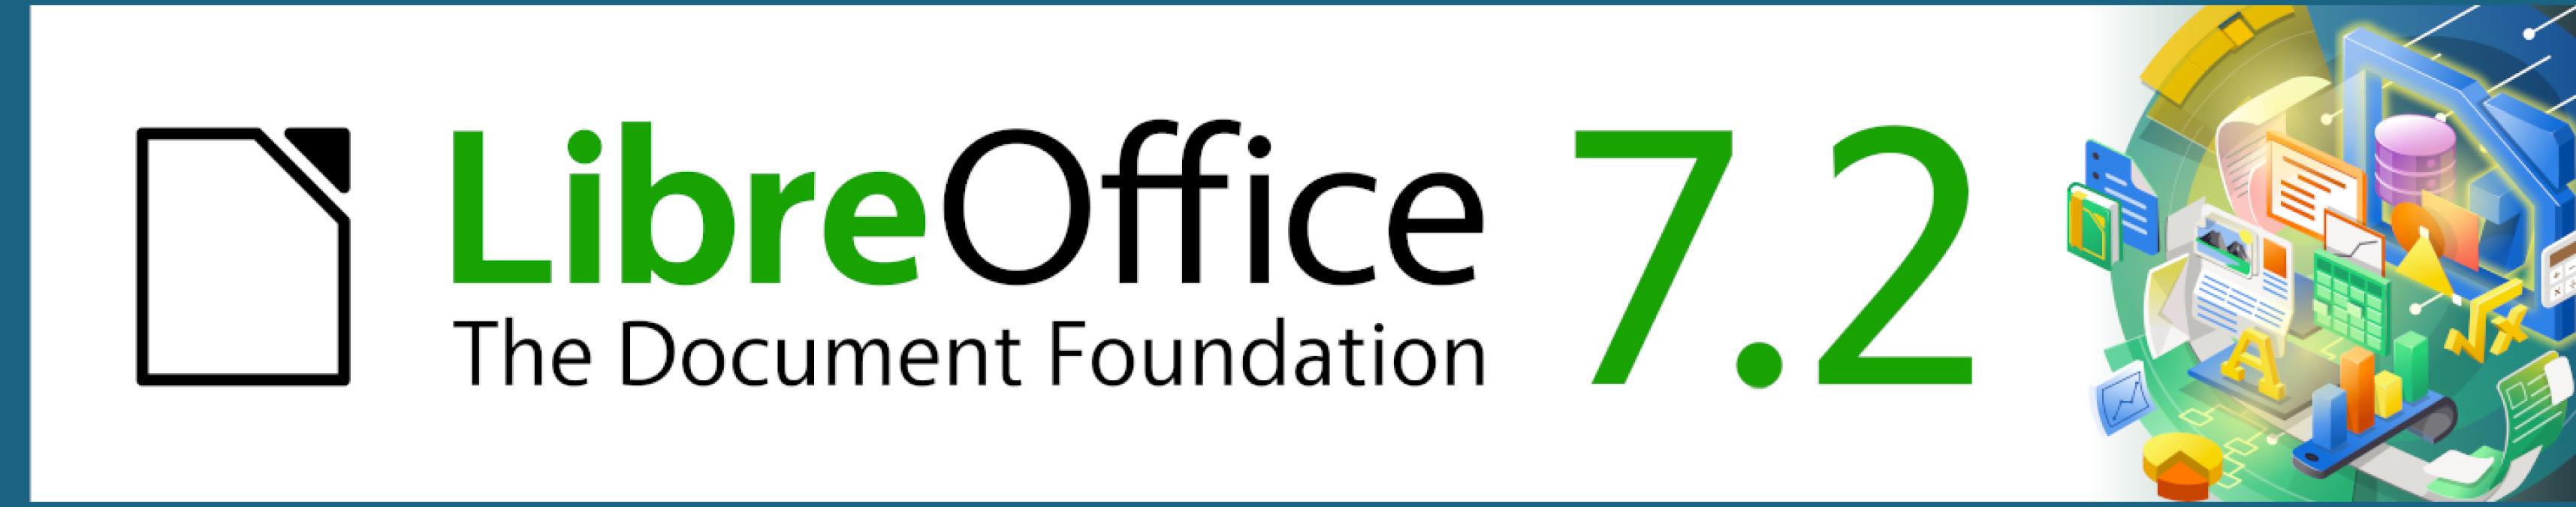 LibreOffice 7.2 lança primeira atualização e corrige mais de 85 bugs